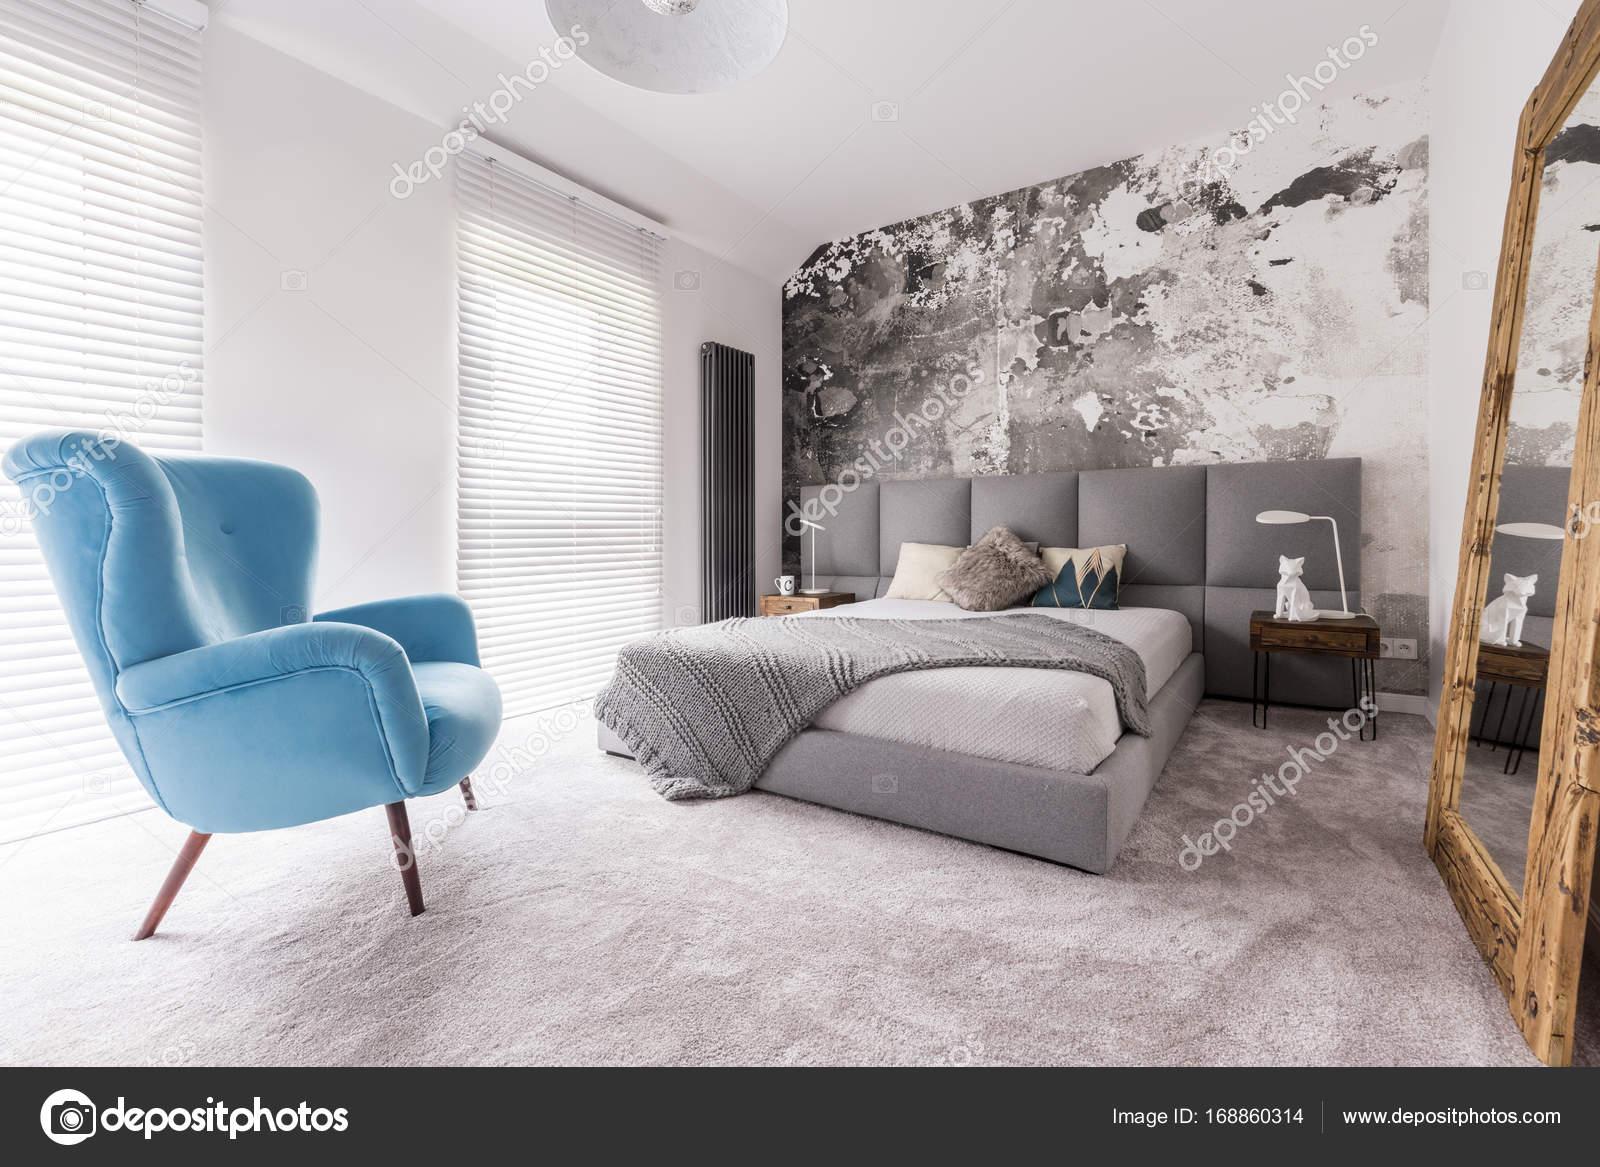 stoel in de slaapkamer — Stockfoto © photographee.eu #168860314